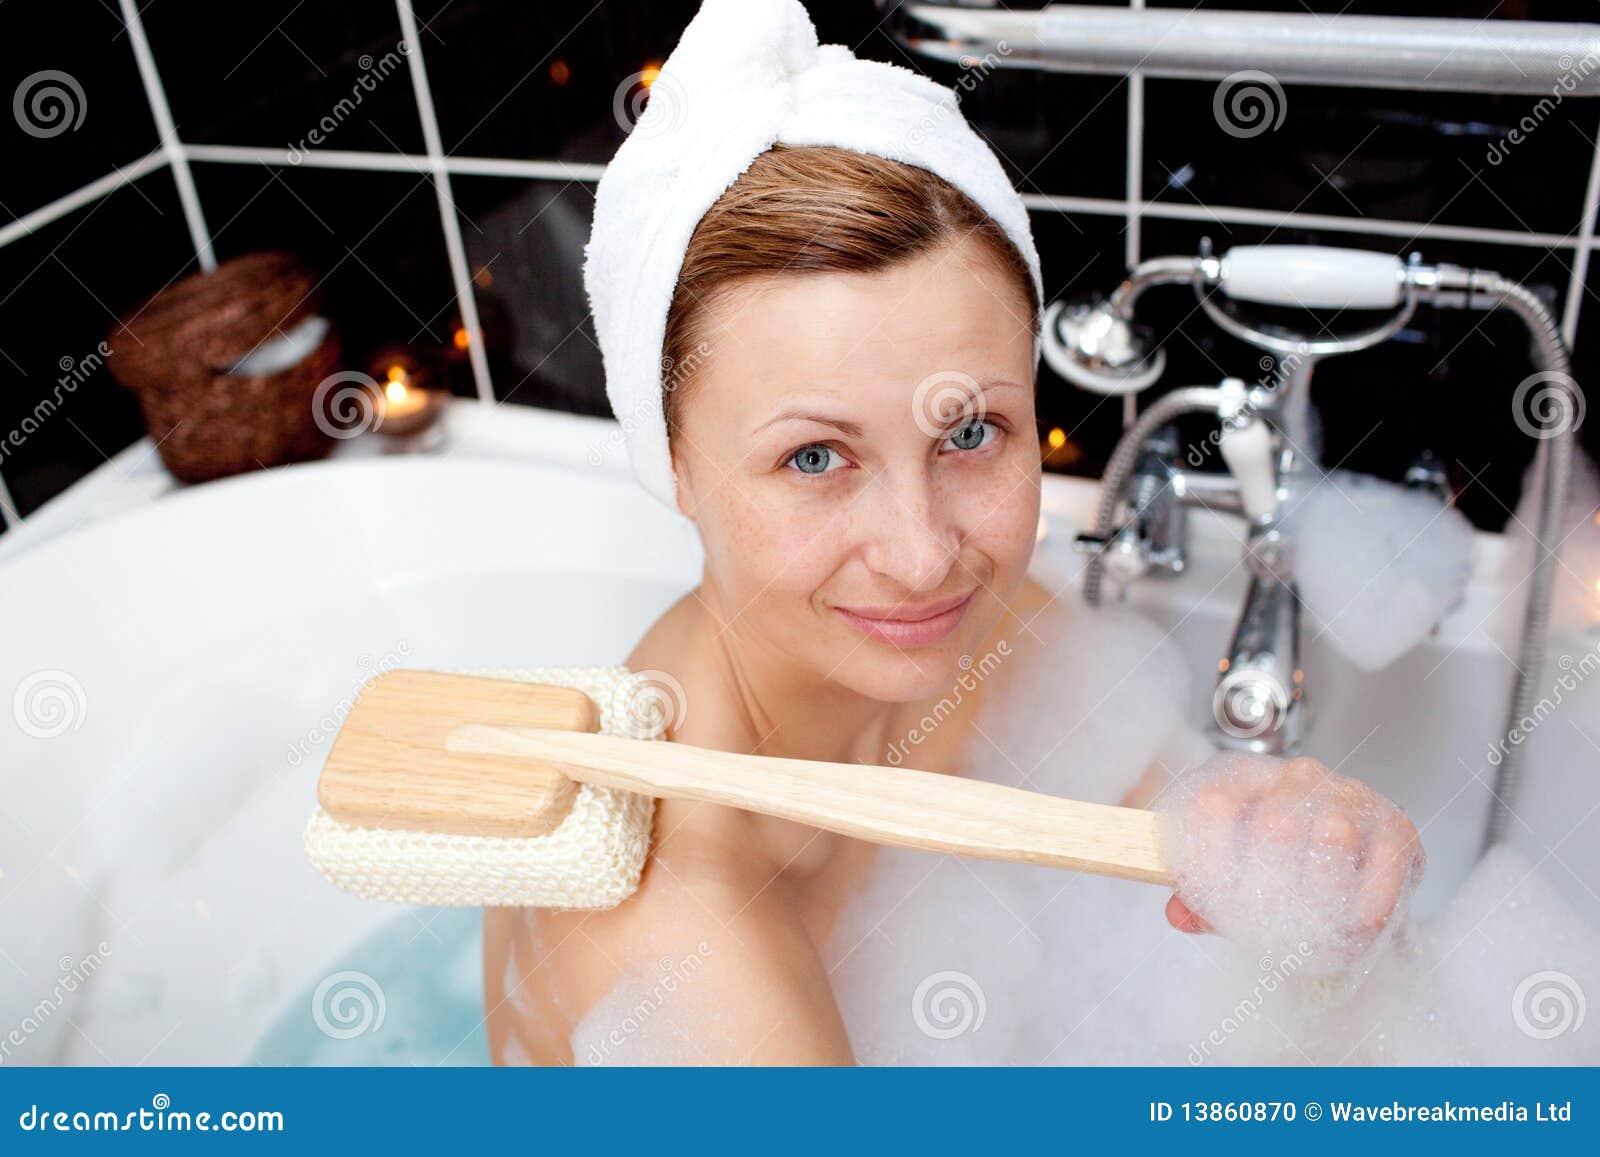 В ванной моется женщина @ m1bar.com